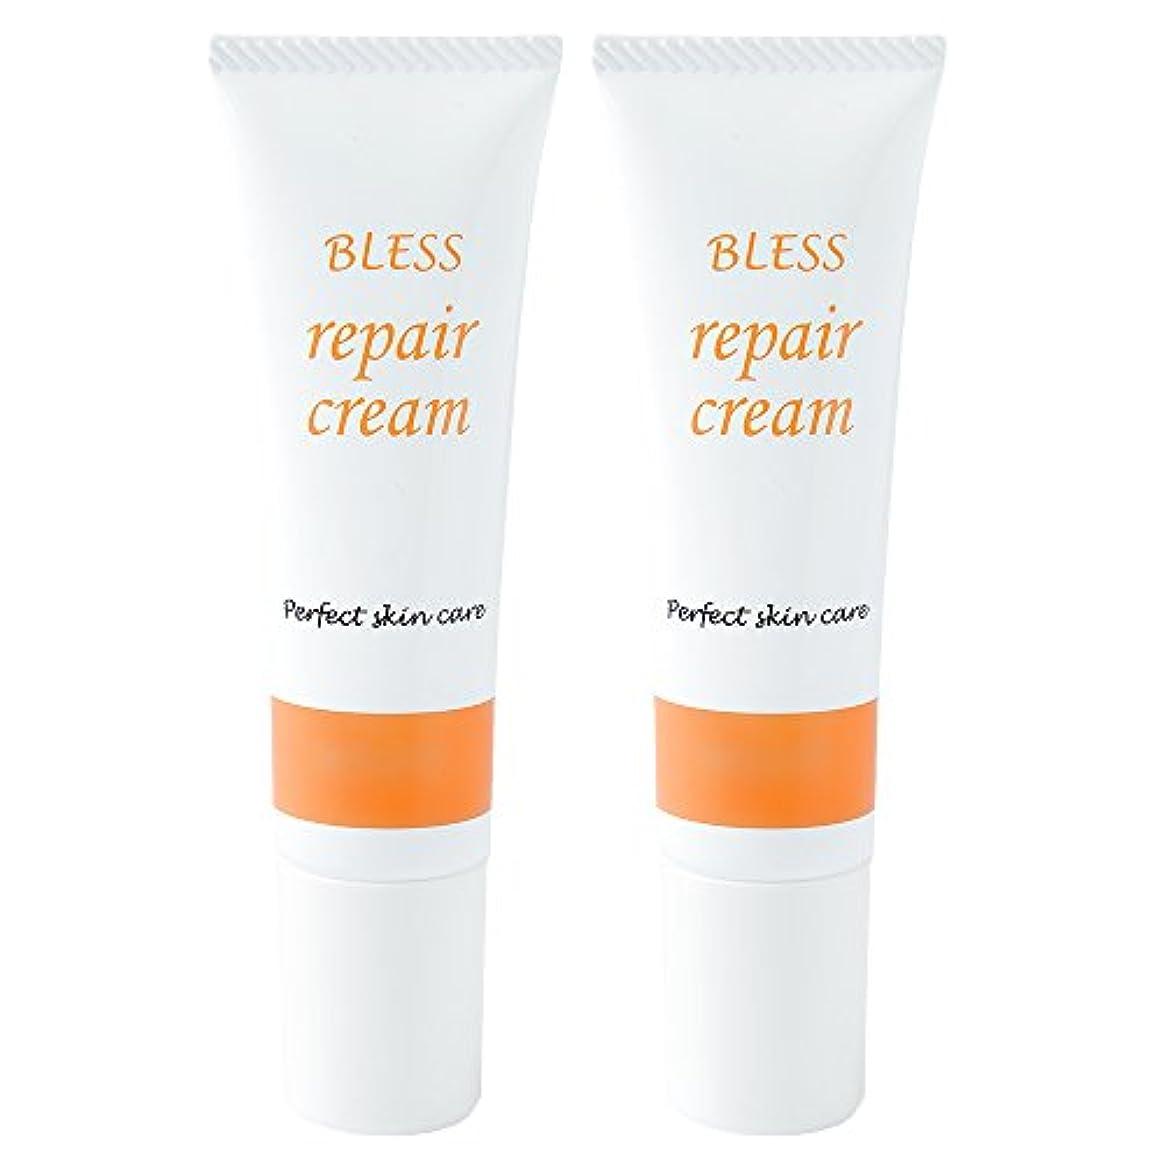 【BLESS】 しわ 対策用 エイジング リペアクリーム 30g 2本 セット 無添加 抗シワ評価試験済み製品 日本製 美容液